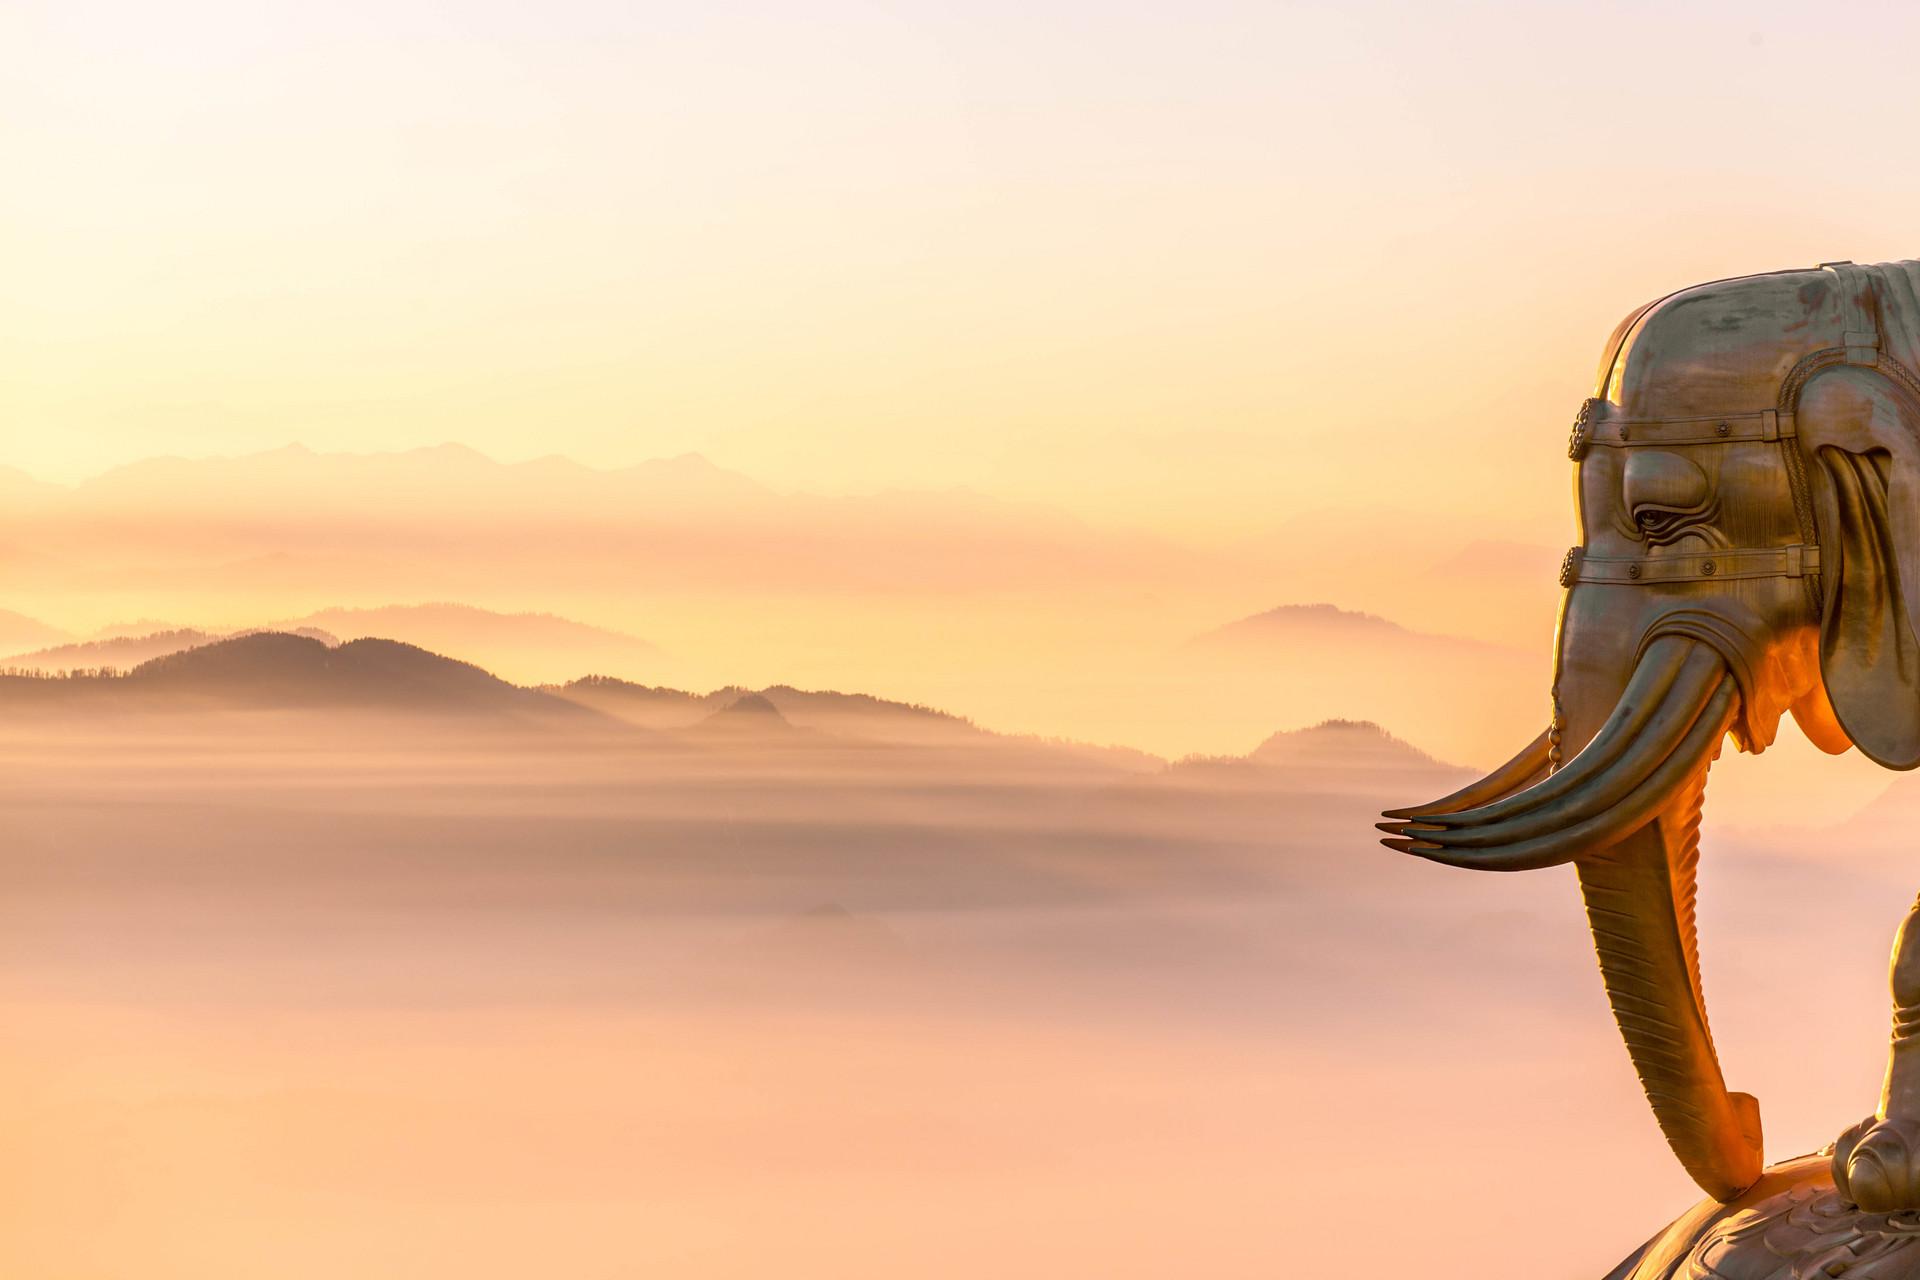 ☎重庆出发,【赏雪+温泉】重庆金佛山+东温泉2日旅游